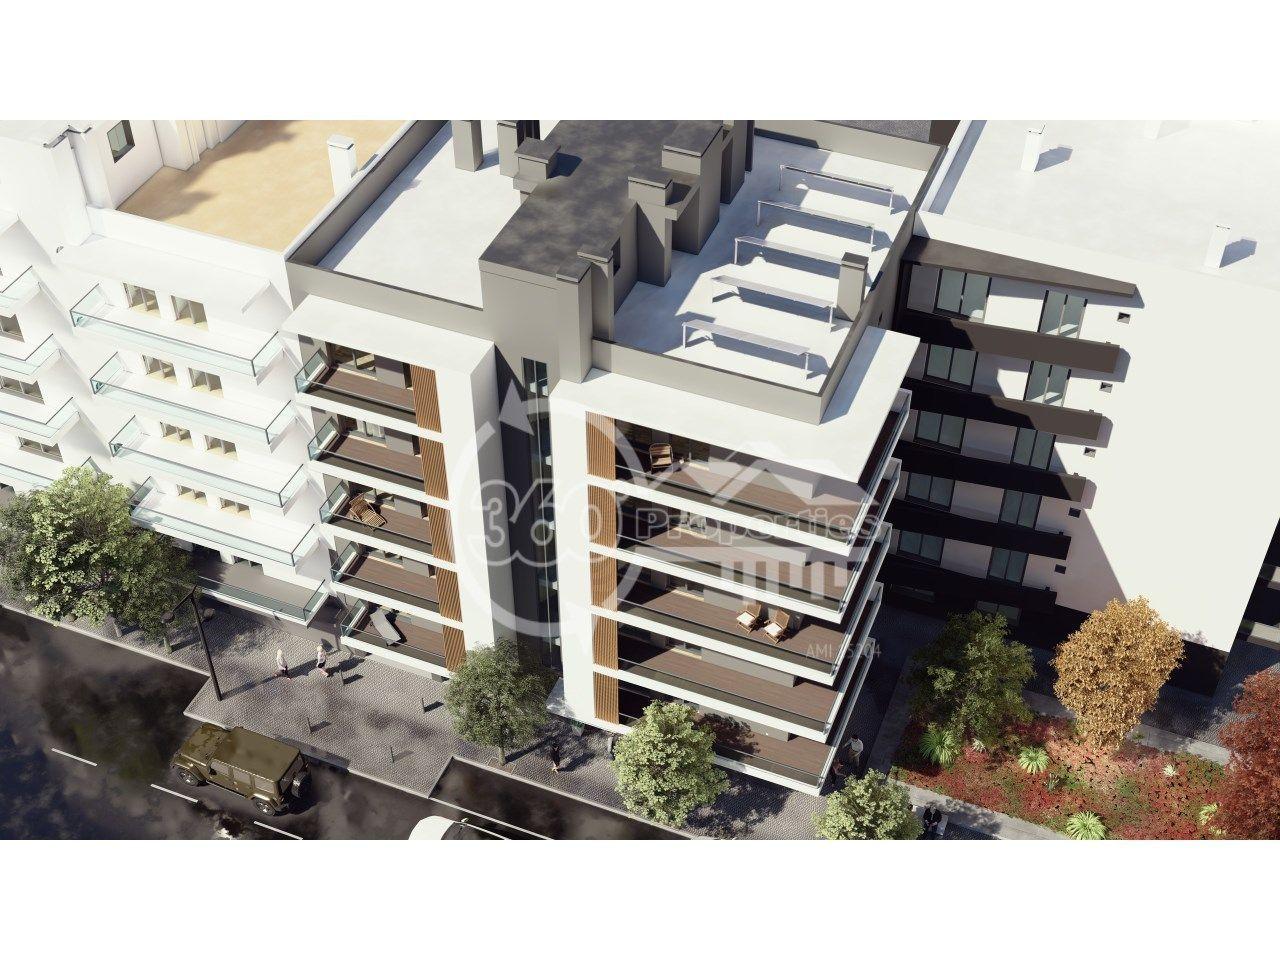 Apartamentos T3 Novos em Faro, Linhas Modernas e alta Tecnologia